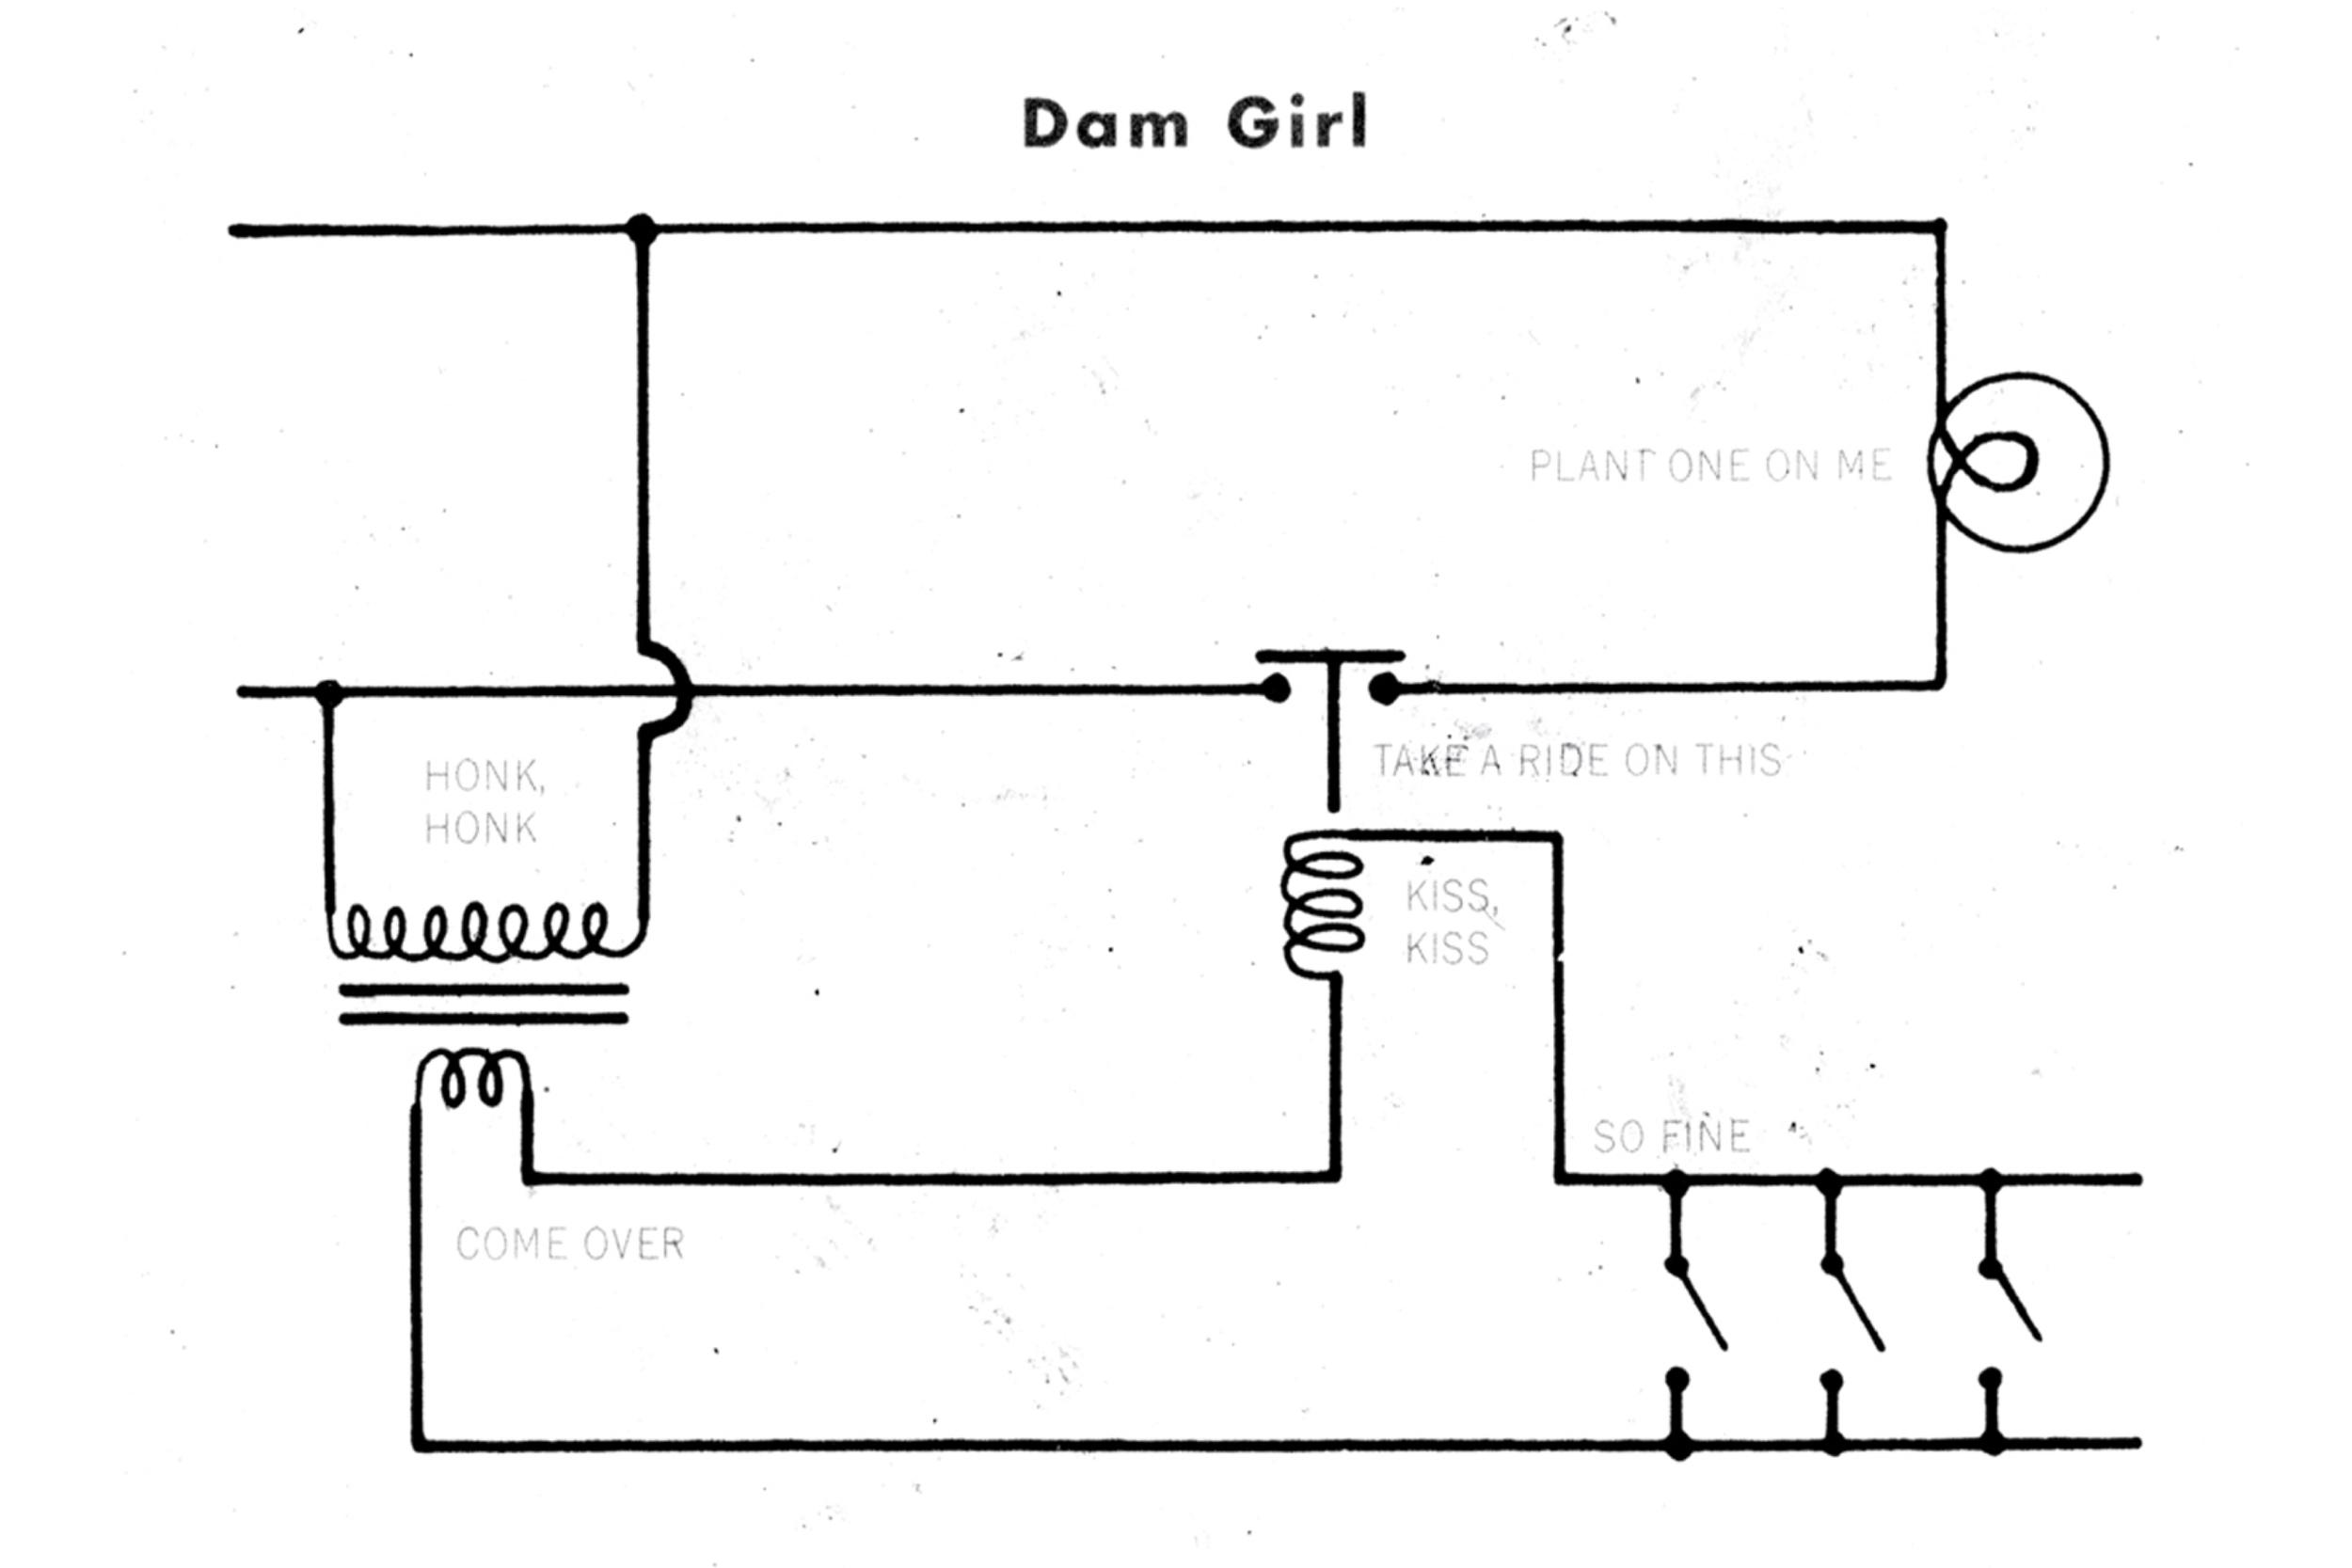 illustrations1.25.jpg